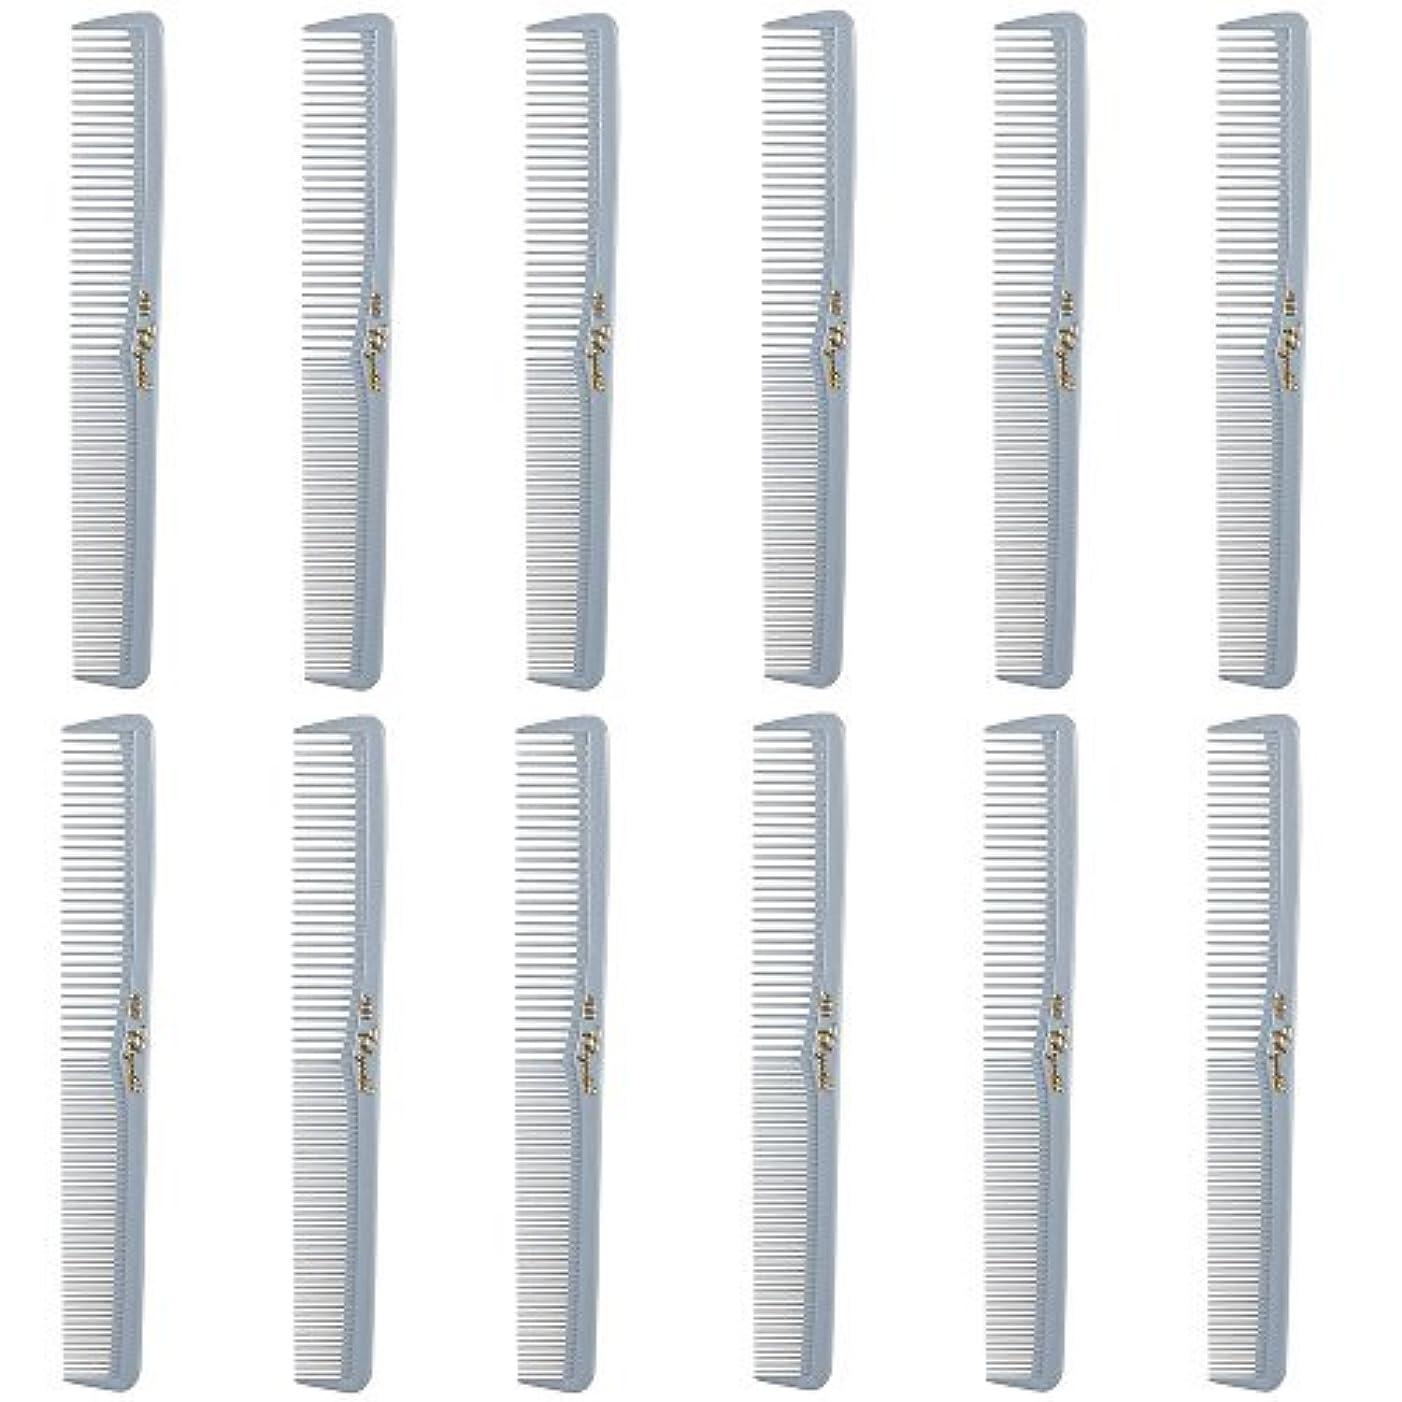 木ピラミッド属性Barber Beauty Hair Cleopatra 400 All Purpose Comb (12 Pack) 12 x SB-C400-LGREY [並行輸入品]